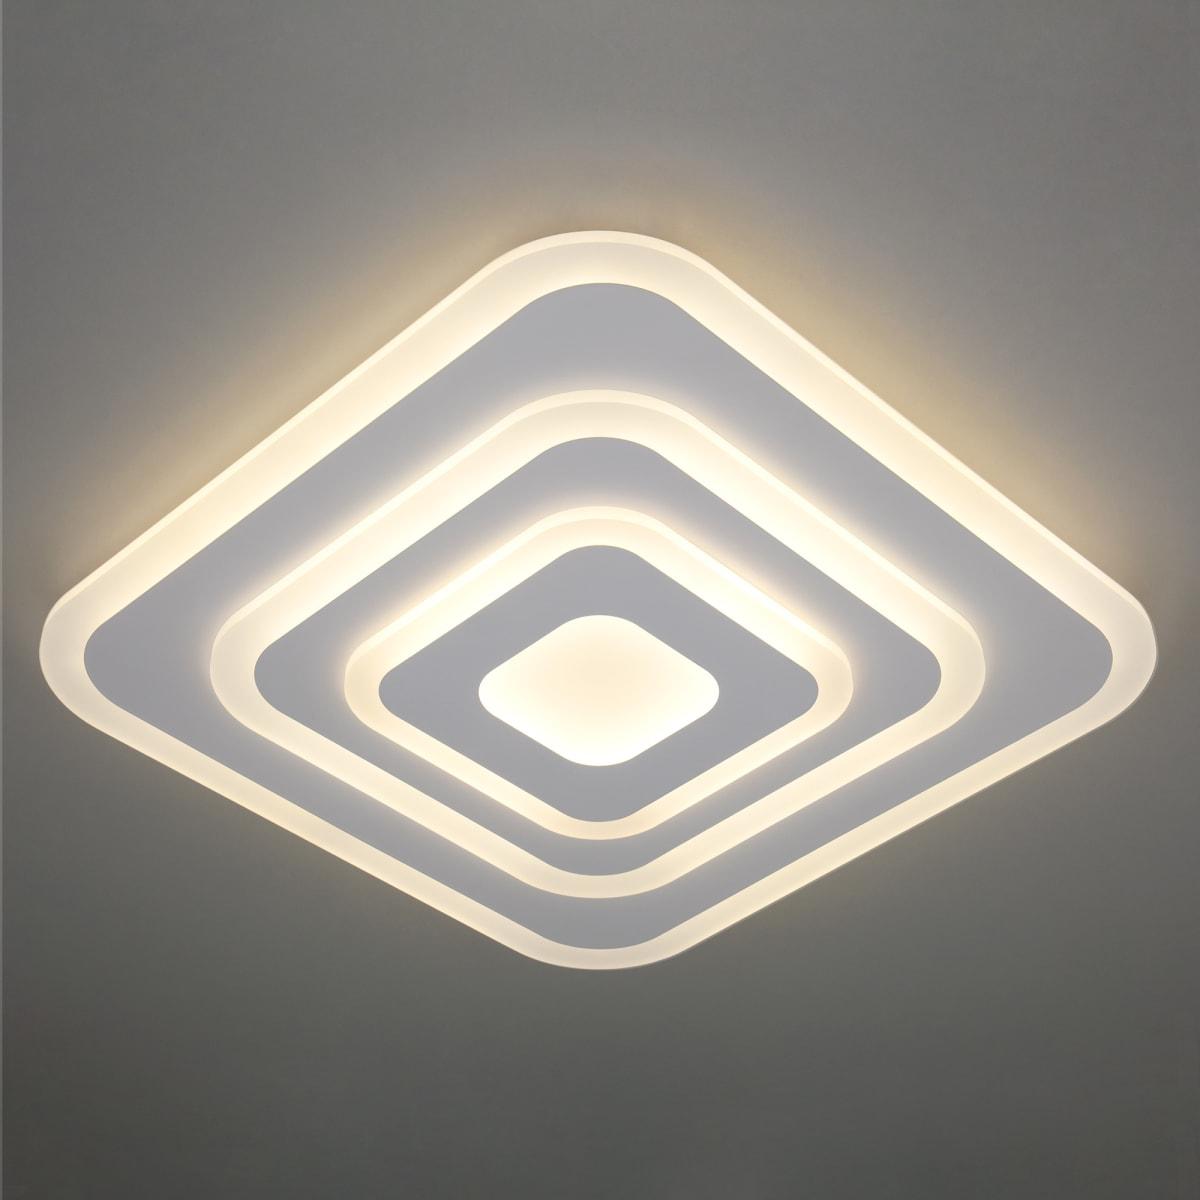 Люстра потолочная светодиодная Eurosvet Siluet 90118/4 с пультом управления, 39 м², регулируемый свет, цвет белый